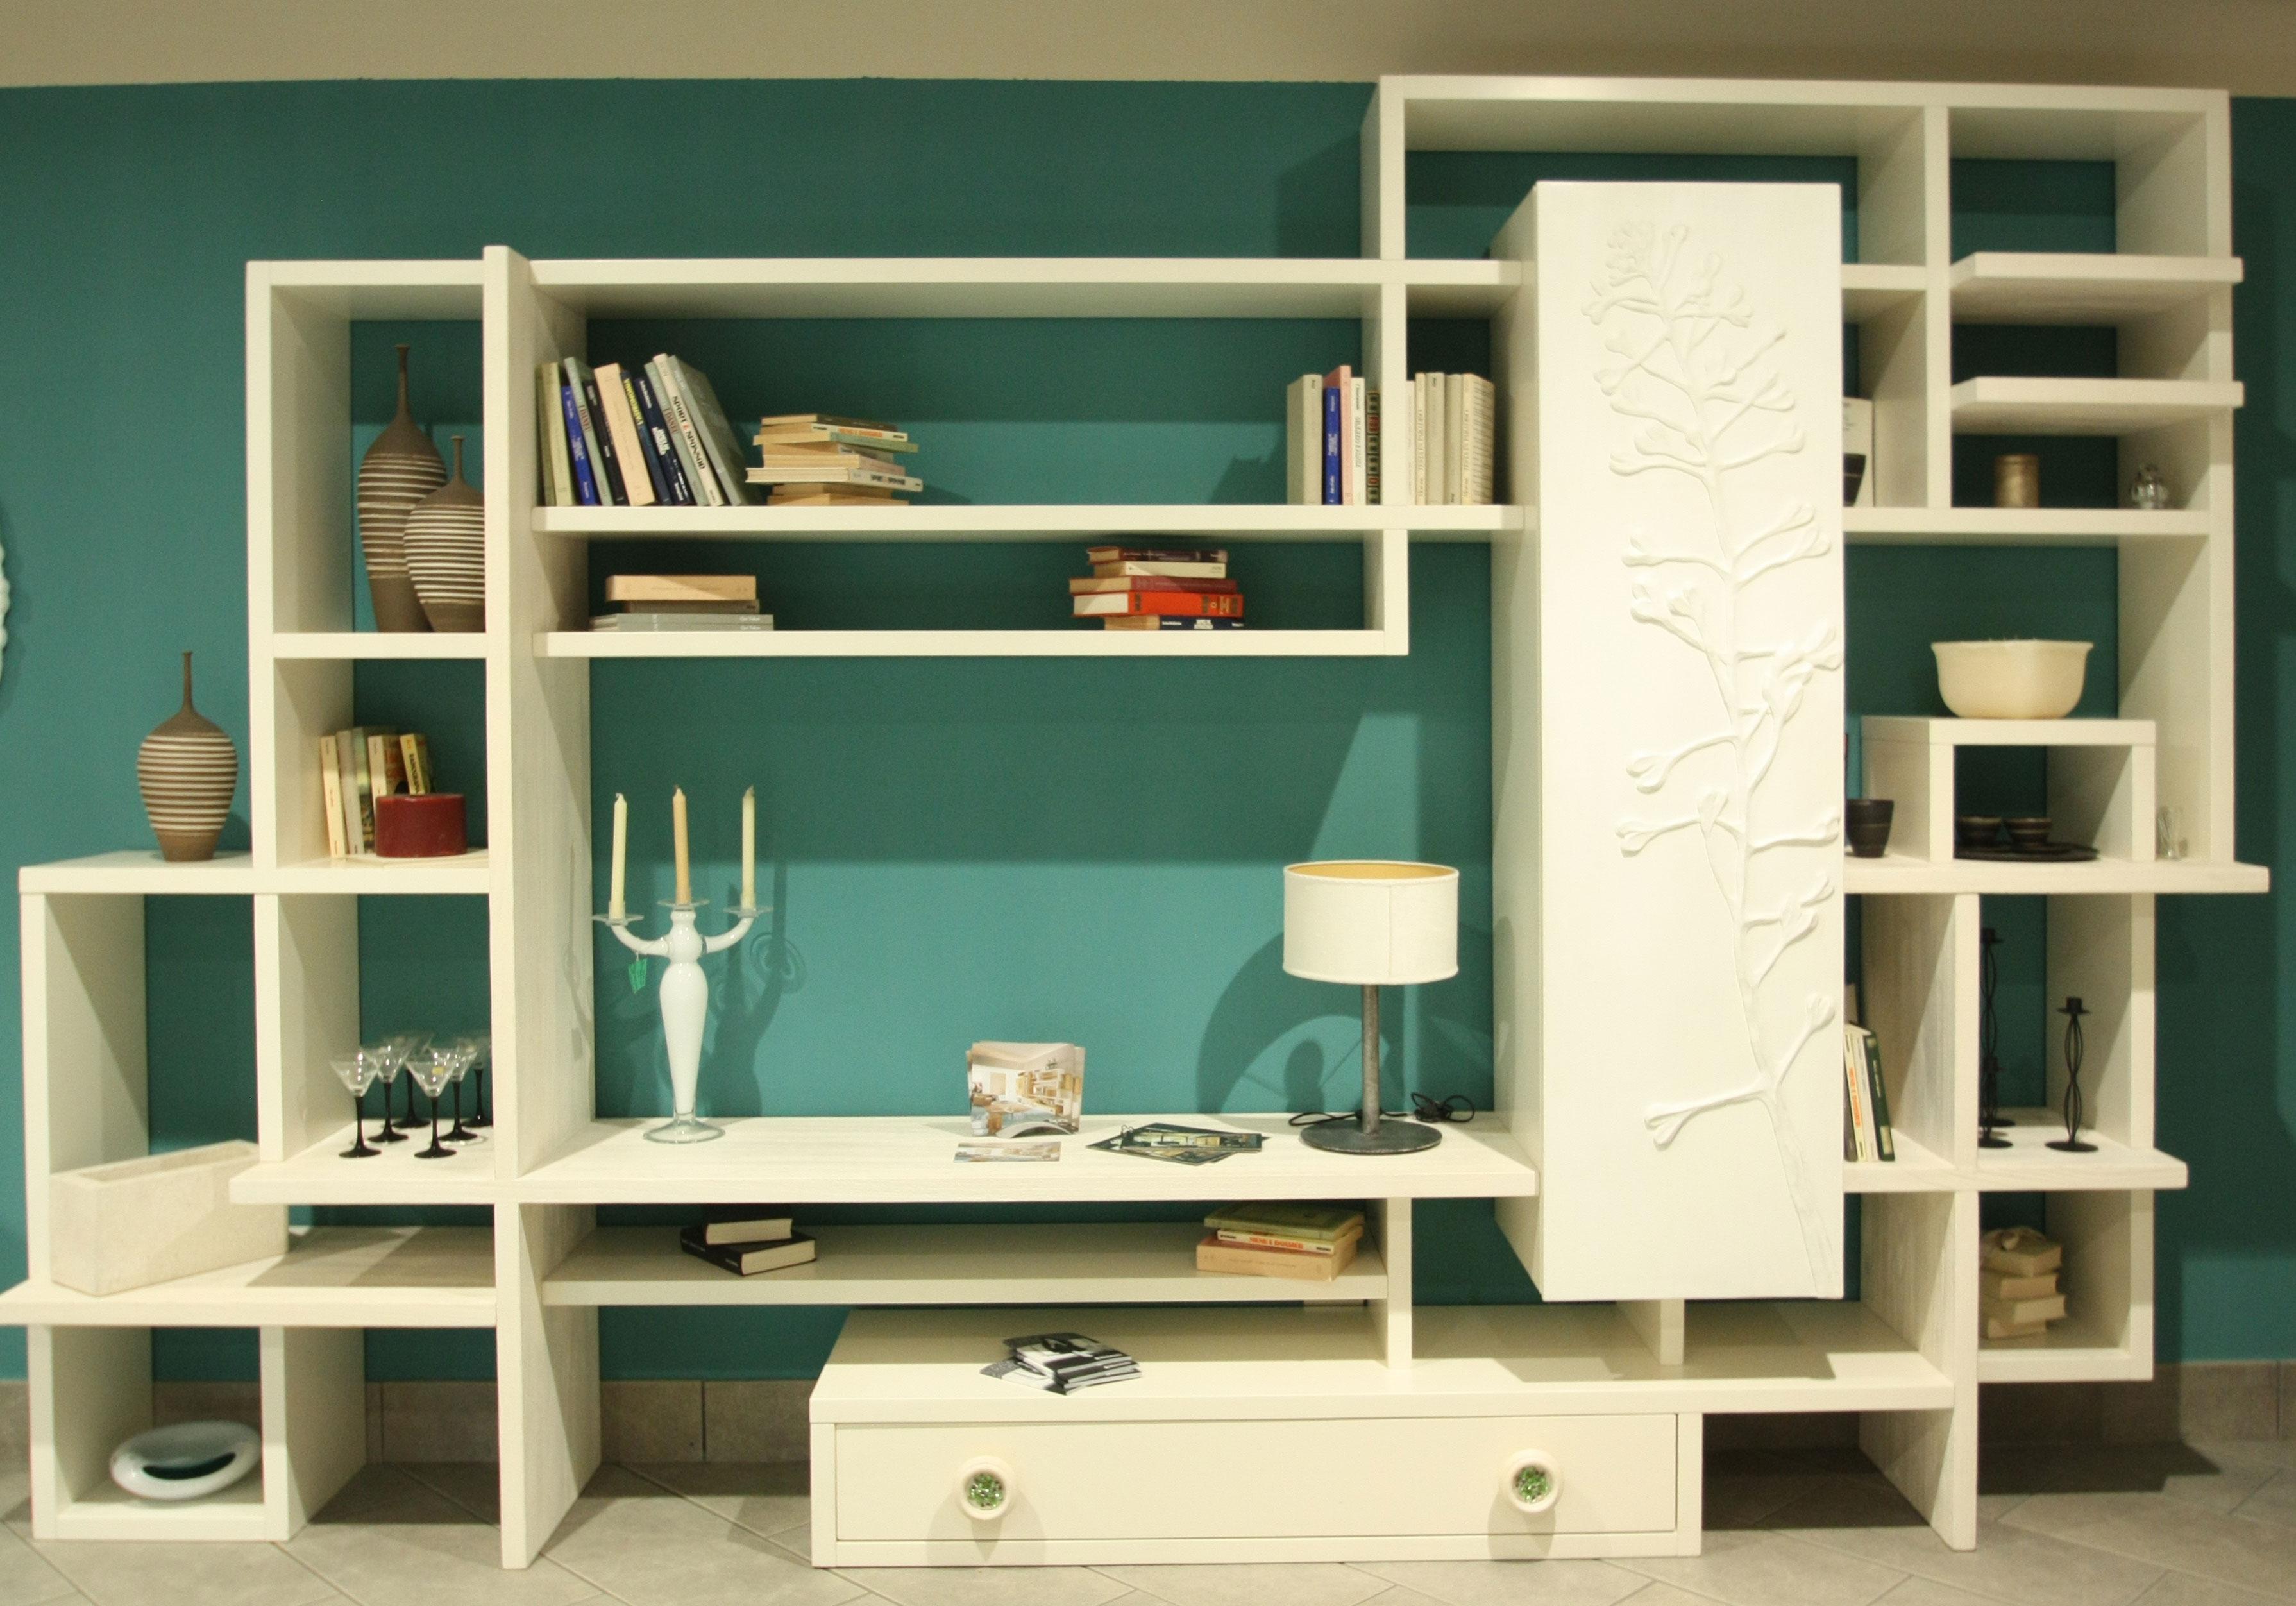 Libreria marchetti in legno massello offerta esposizione for Camerette in legno massello